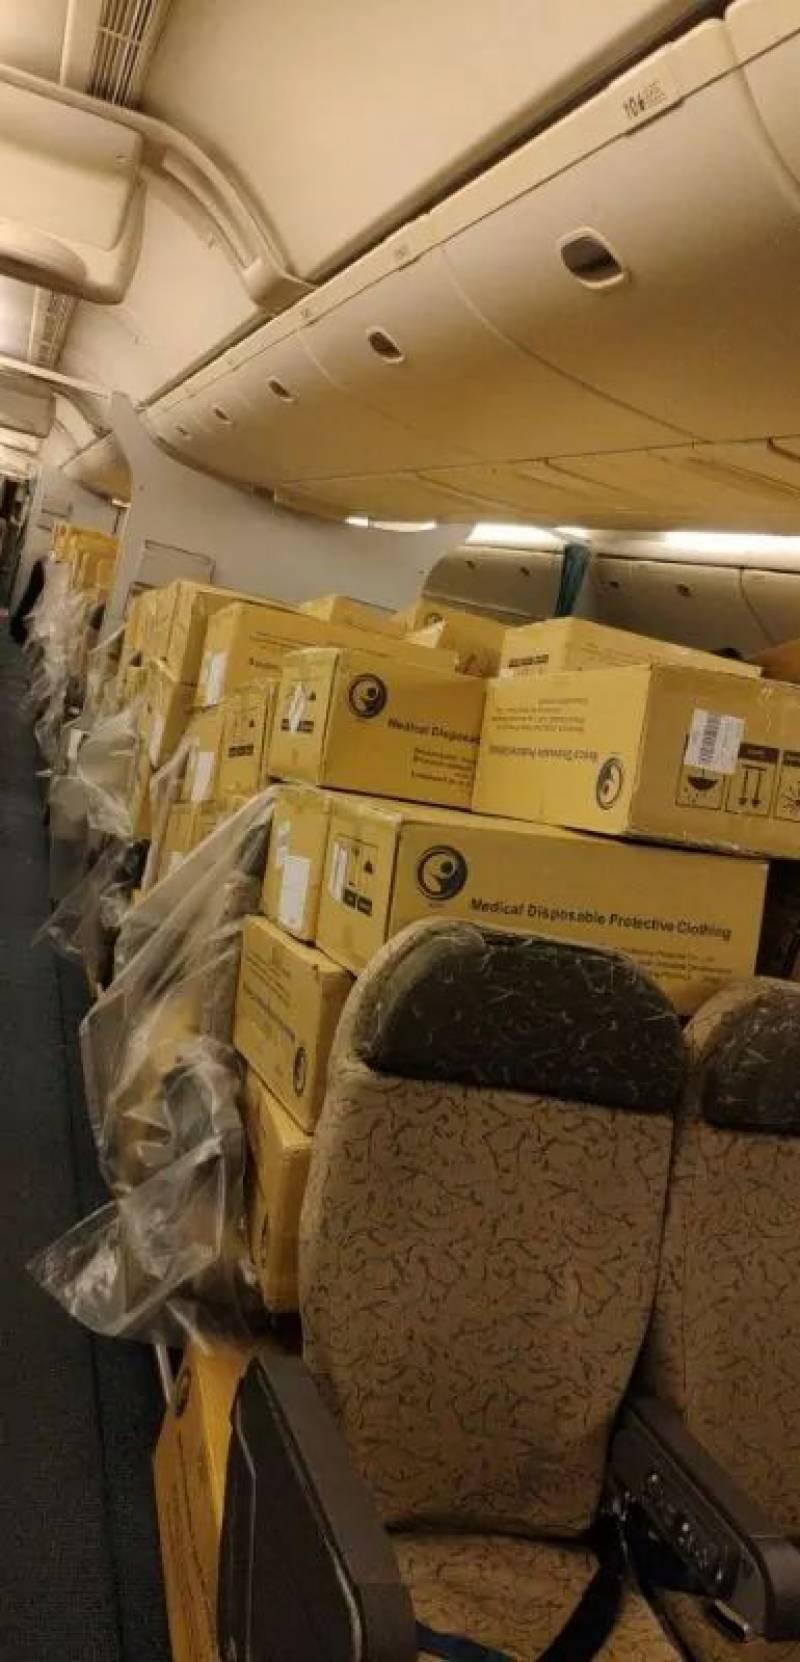 چین سے طبی سامان کی مزید کھیپ پاکستان پہنچ گئی